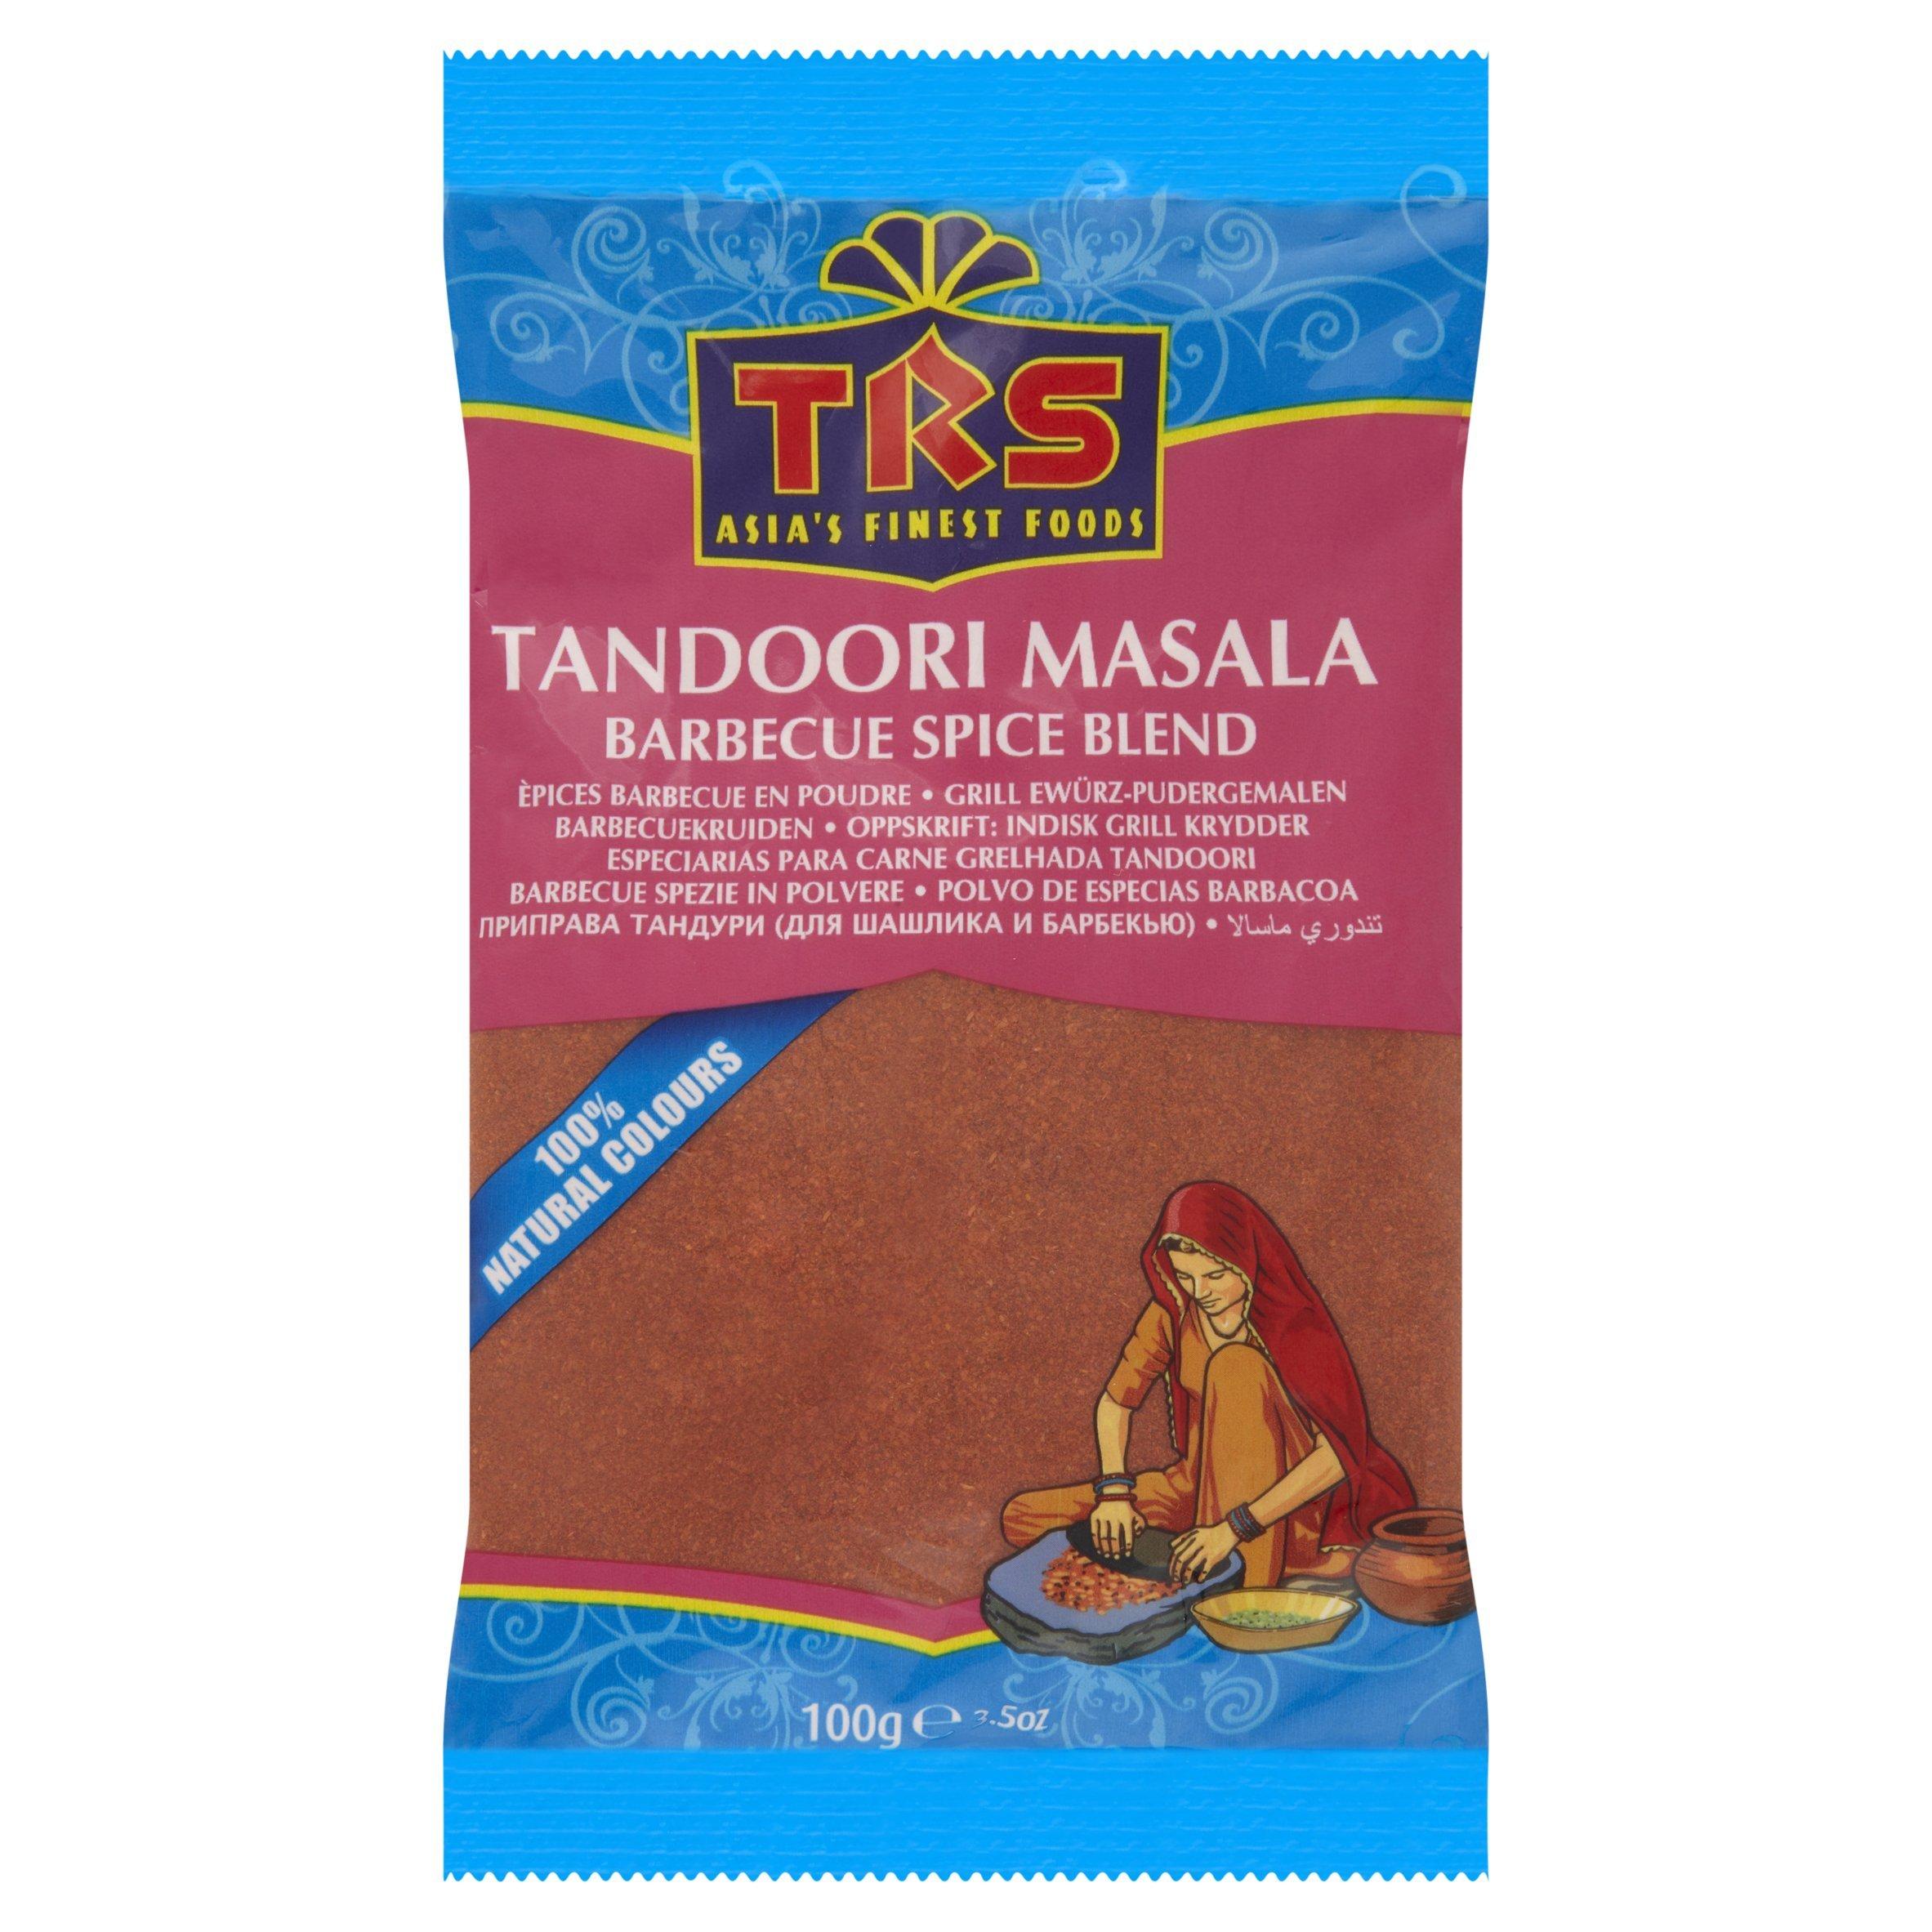 TRS Tandoori Masala Barbecue Spice Blend 100g